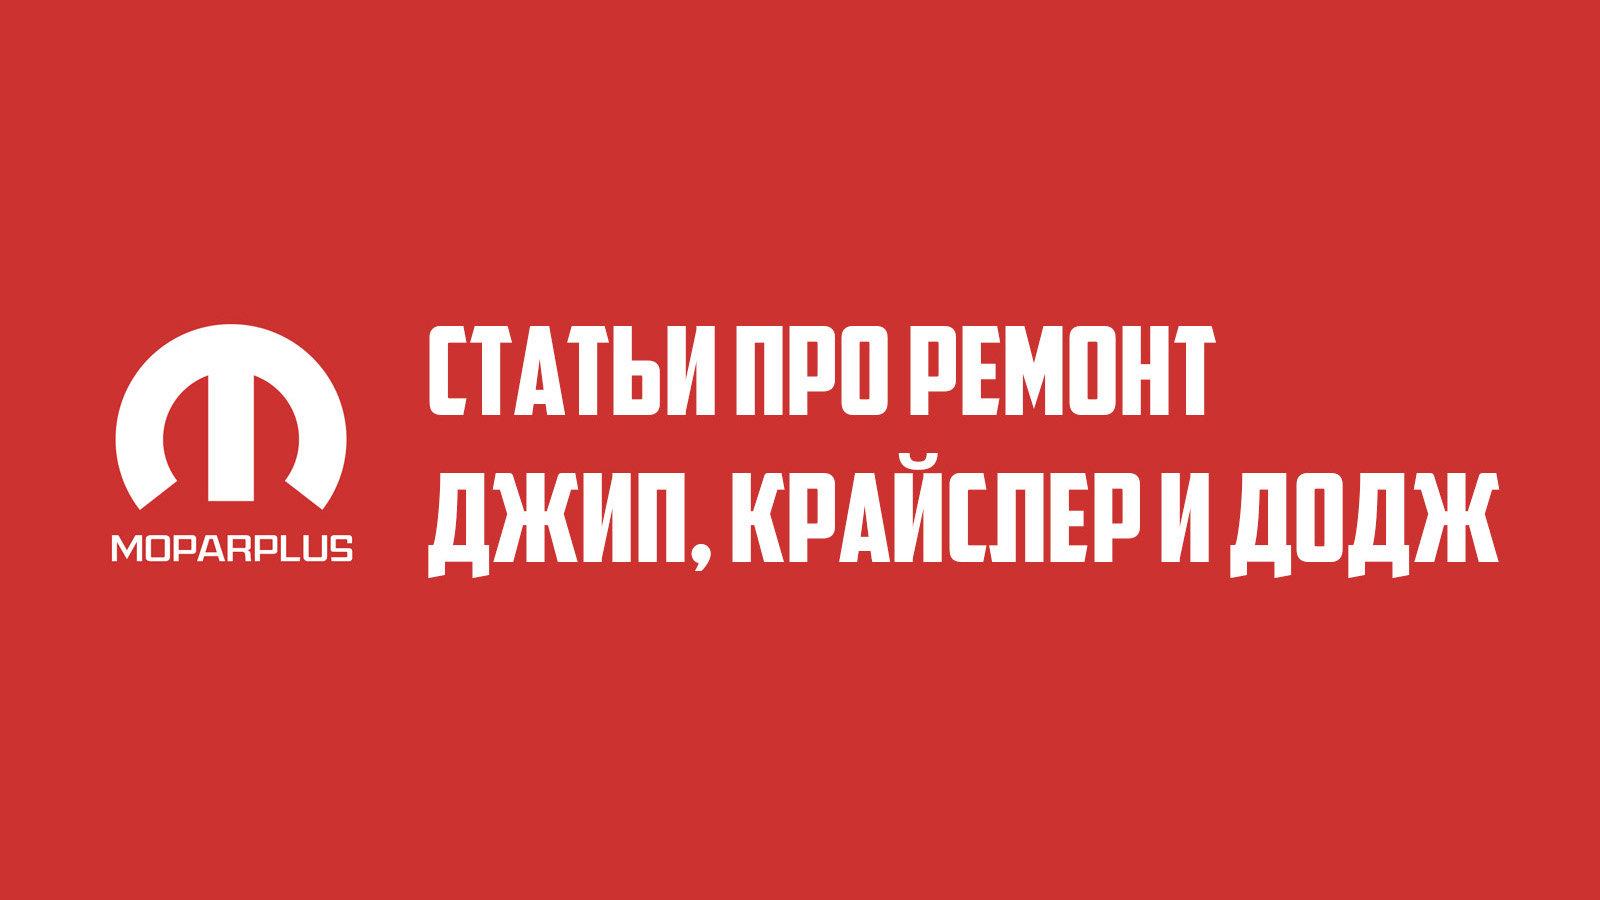 Статьи про ремонт. Выпуск №55.